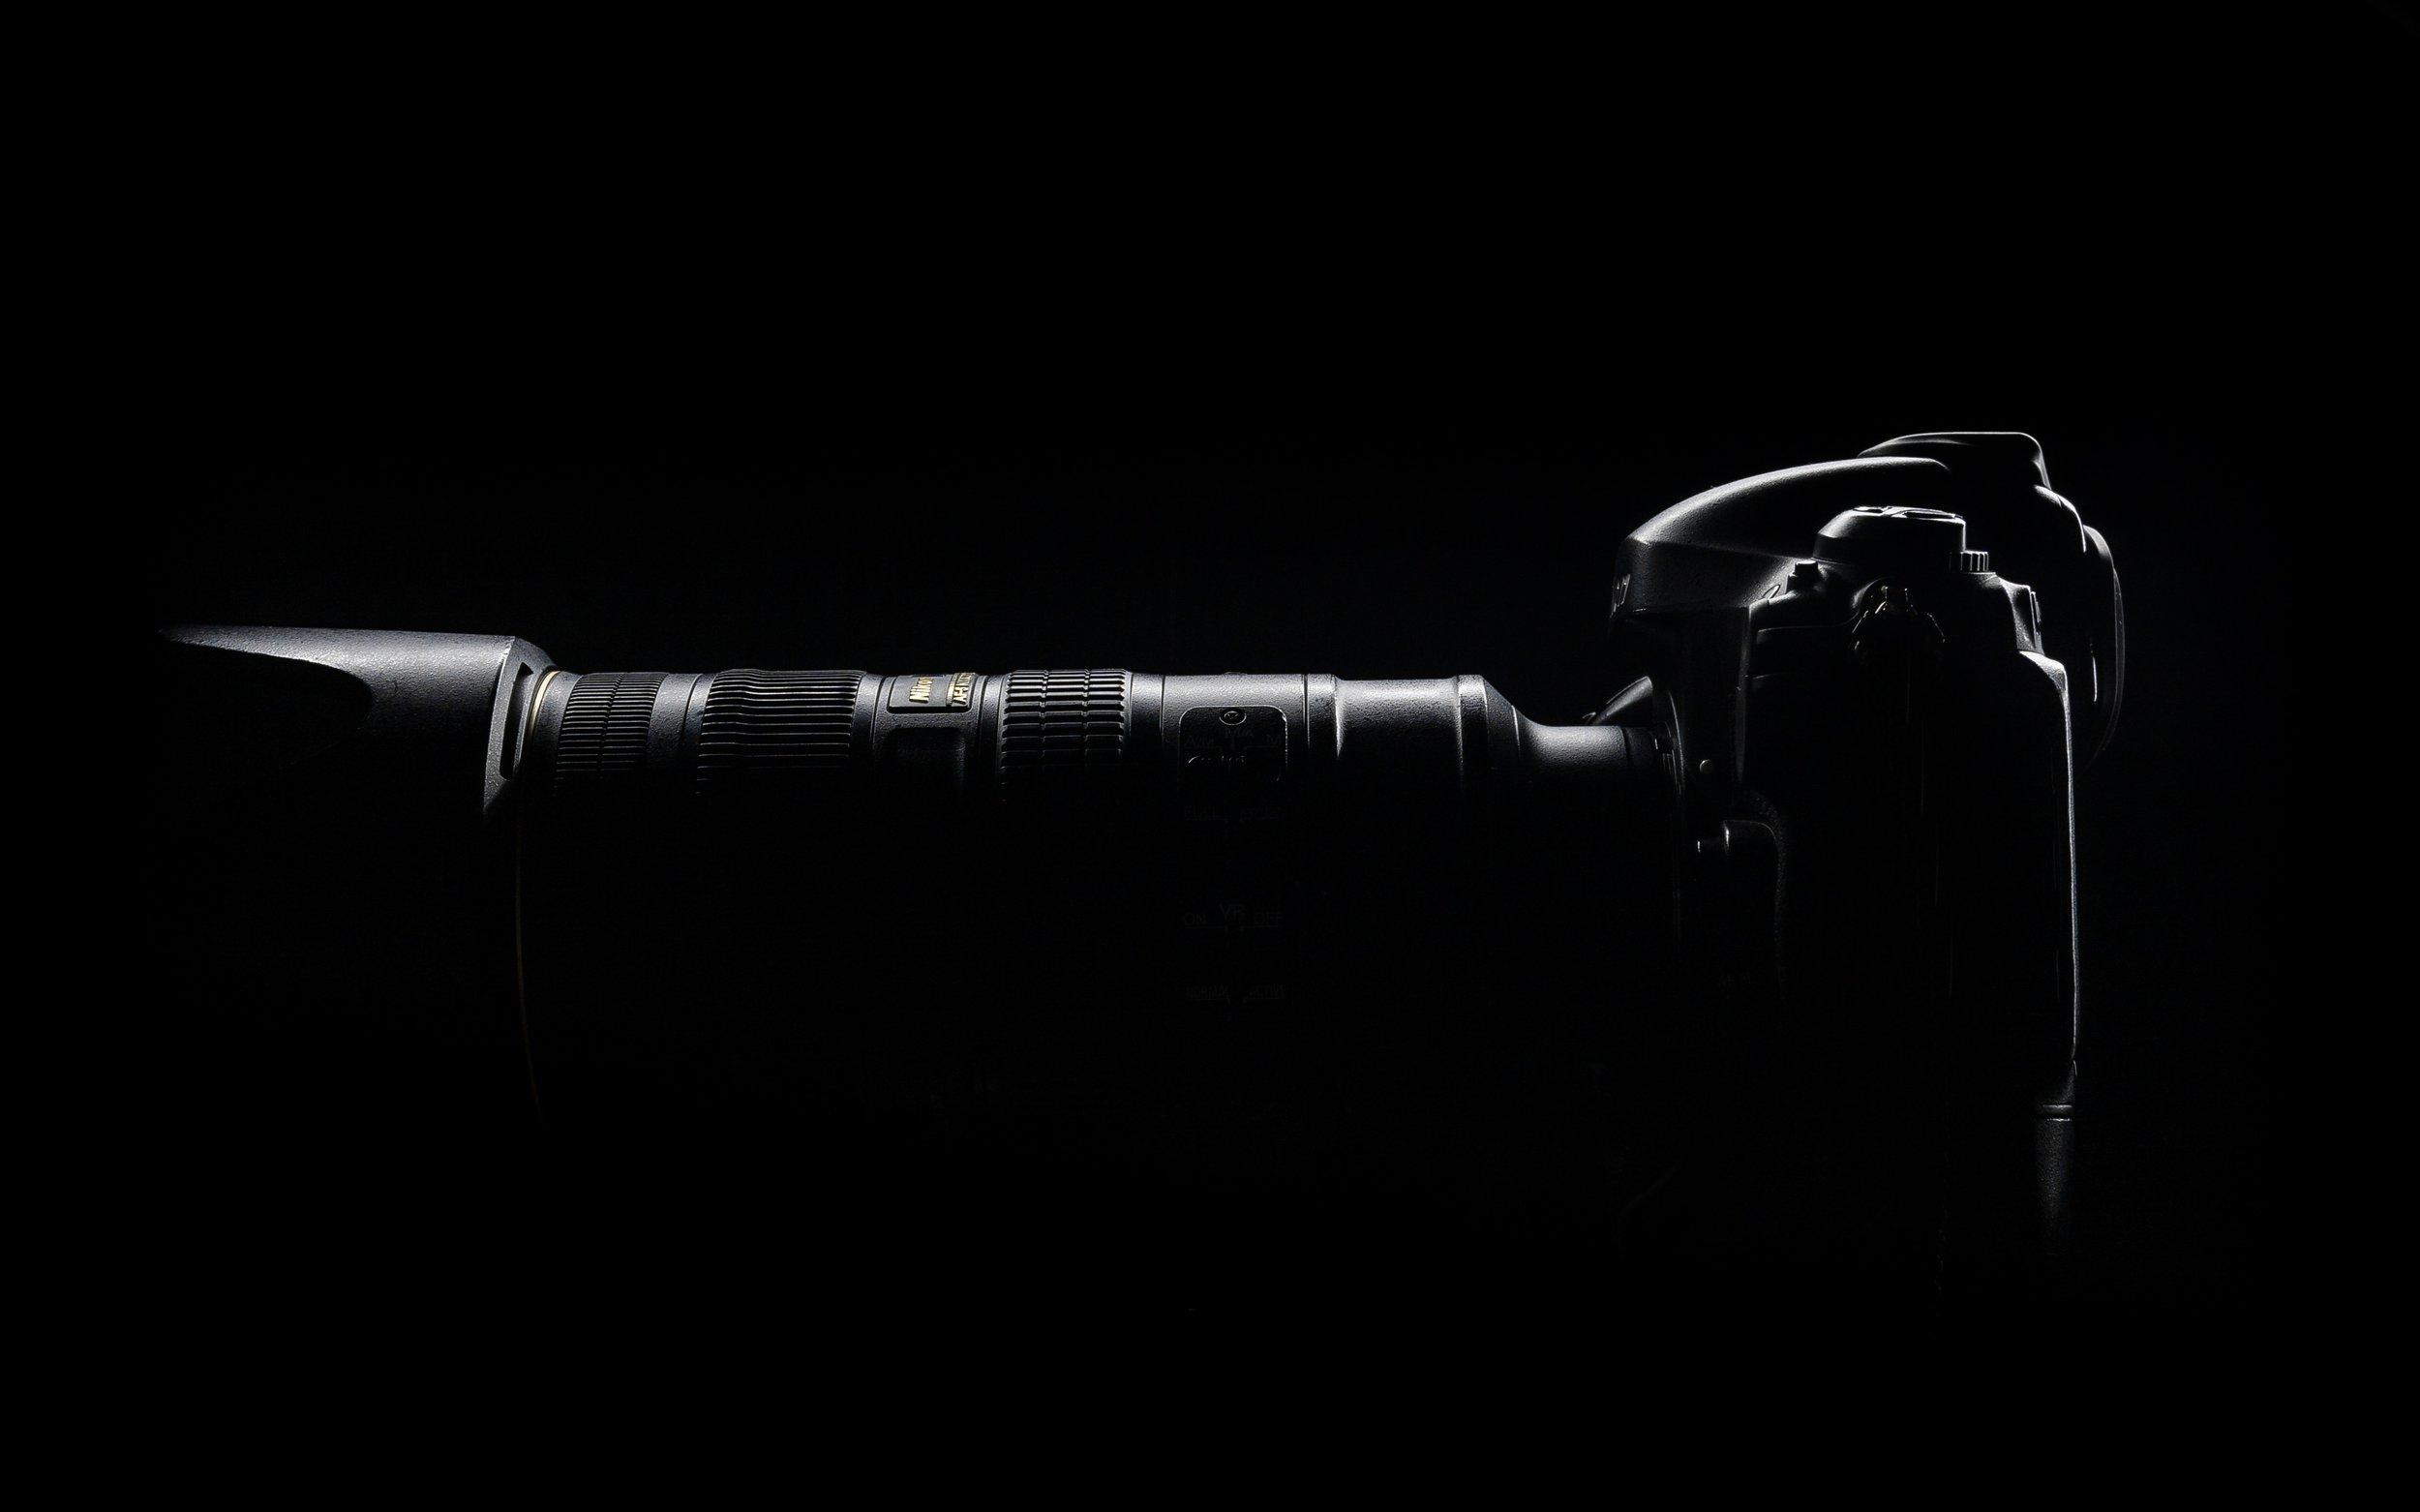 camera-camera-equipment-camera-lens-1595241.jpg